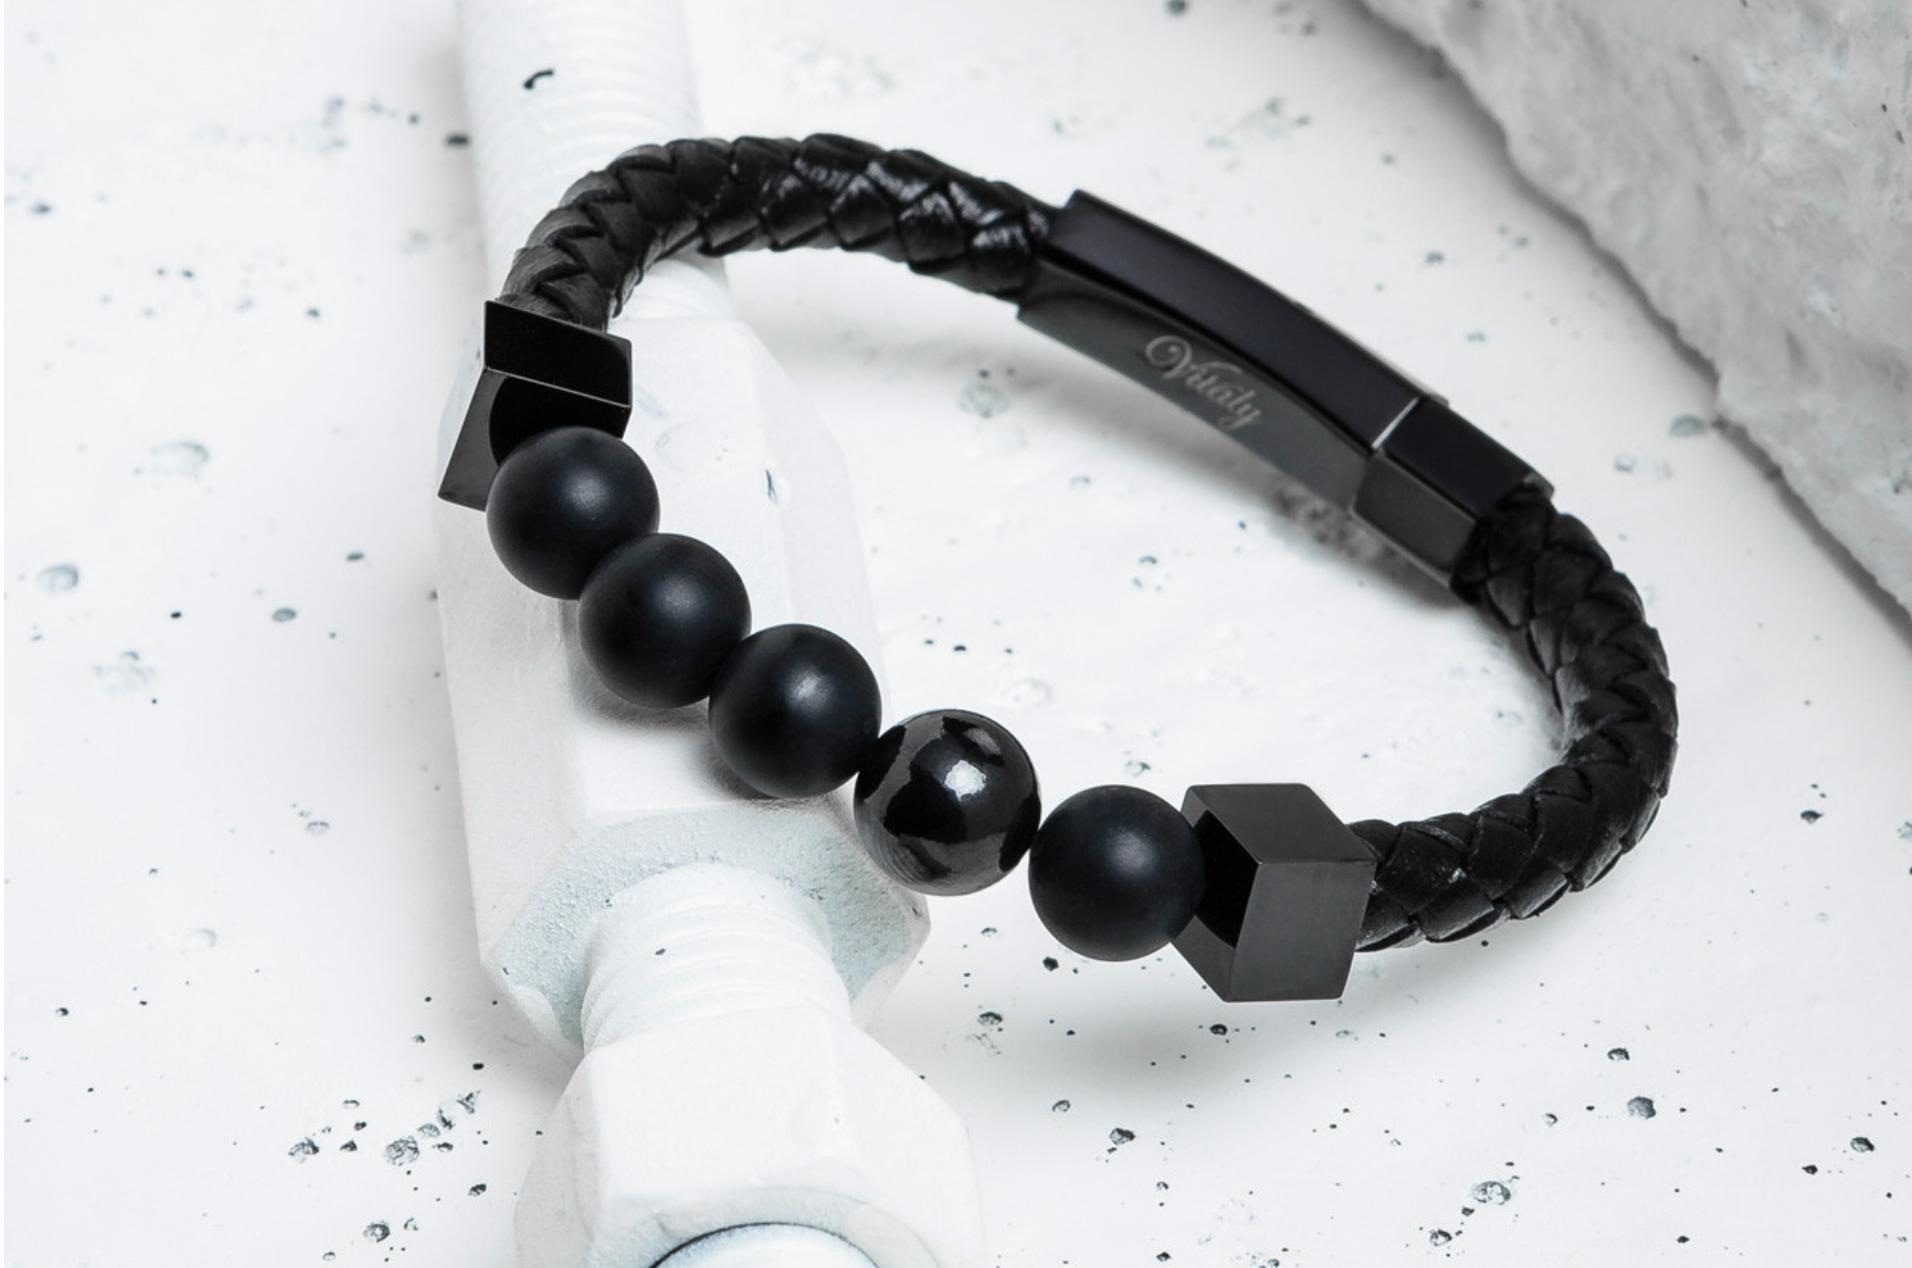 Perlen x matte black talydesignproductsperlenx